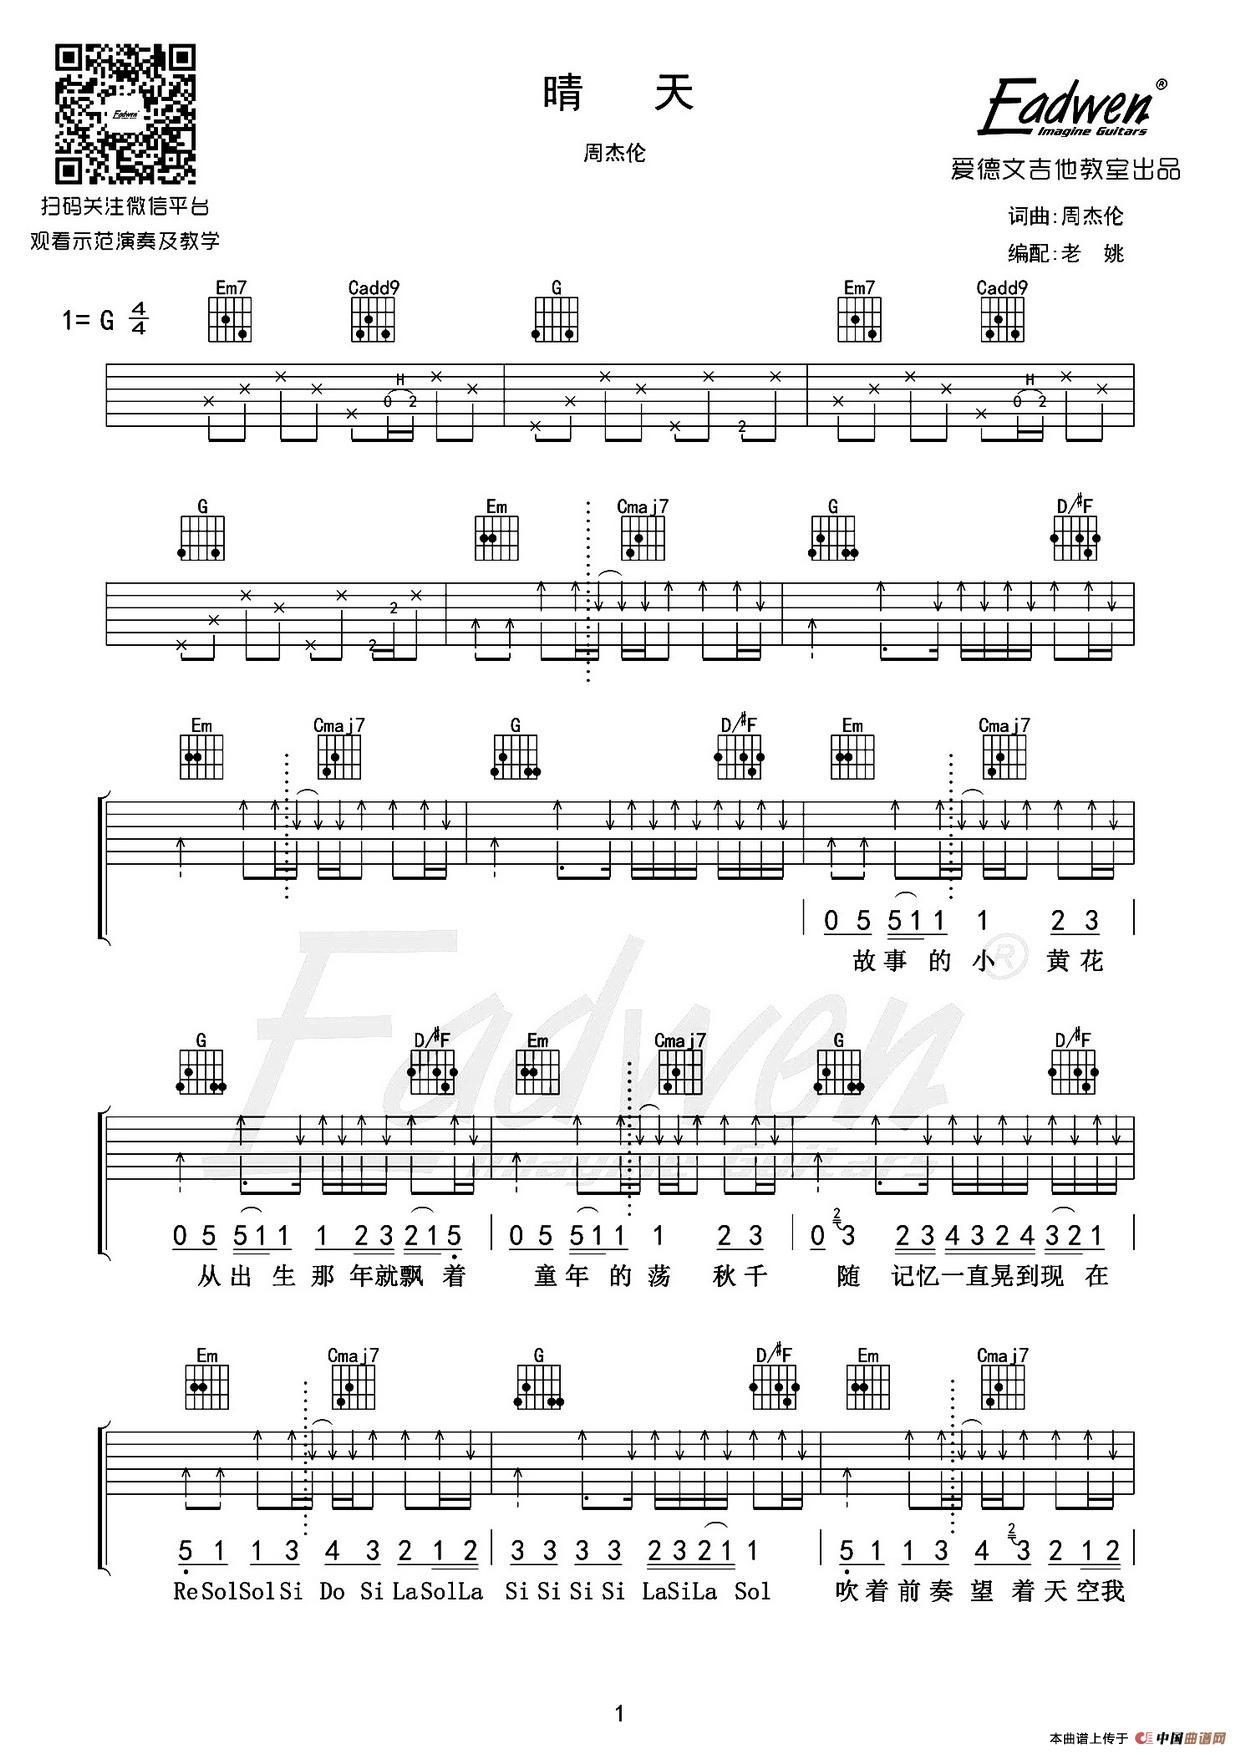 《晴天(老姚编配版)》吉他谱 周杰伦 - 彼岸吉他_一站图片